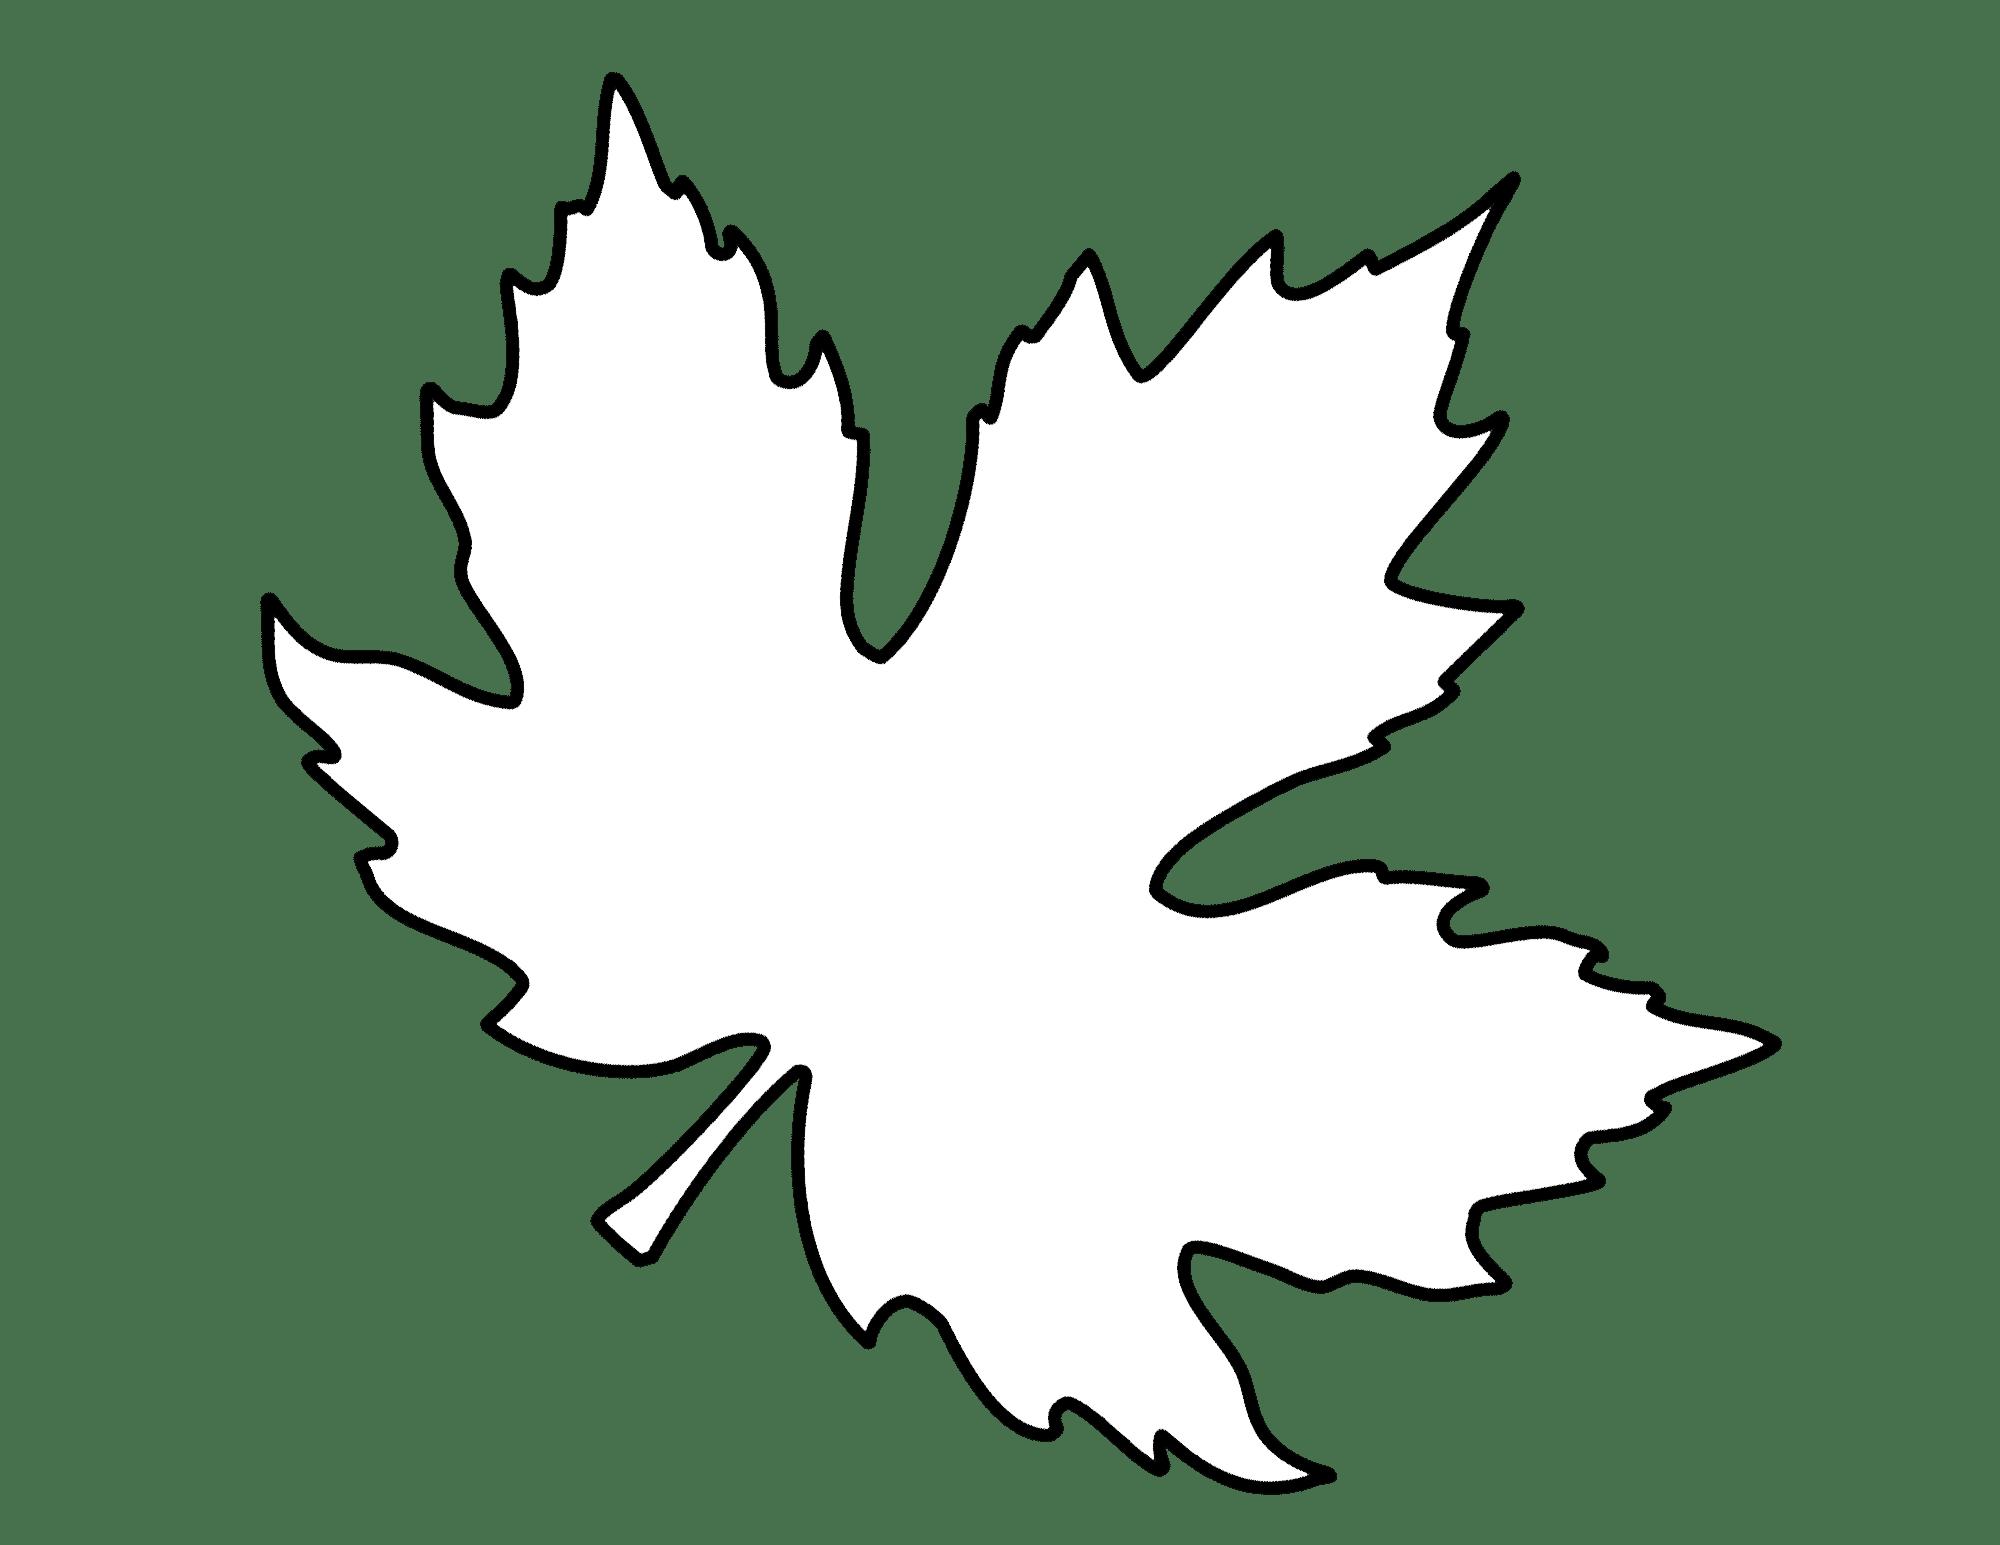 Herbstblatter Vorlagen Dekoking Diy Bastelideen Dekoideen Zeichnen Lernen Herbstblatter Vorlagen Herbst Blatter Bastel Herbst